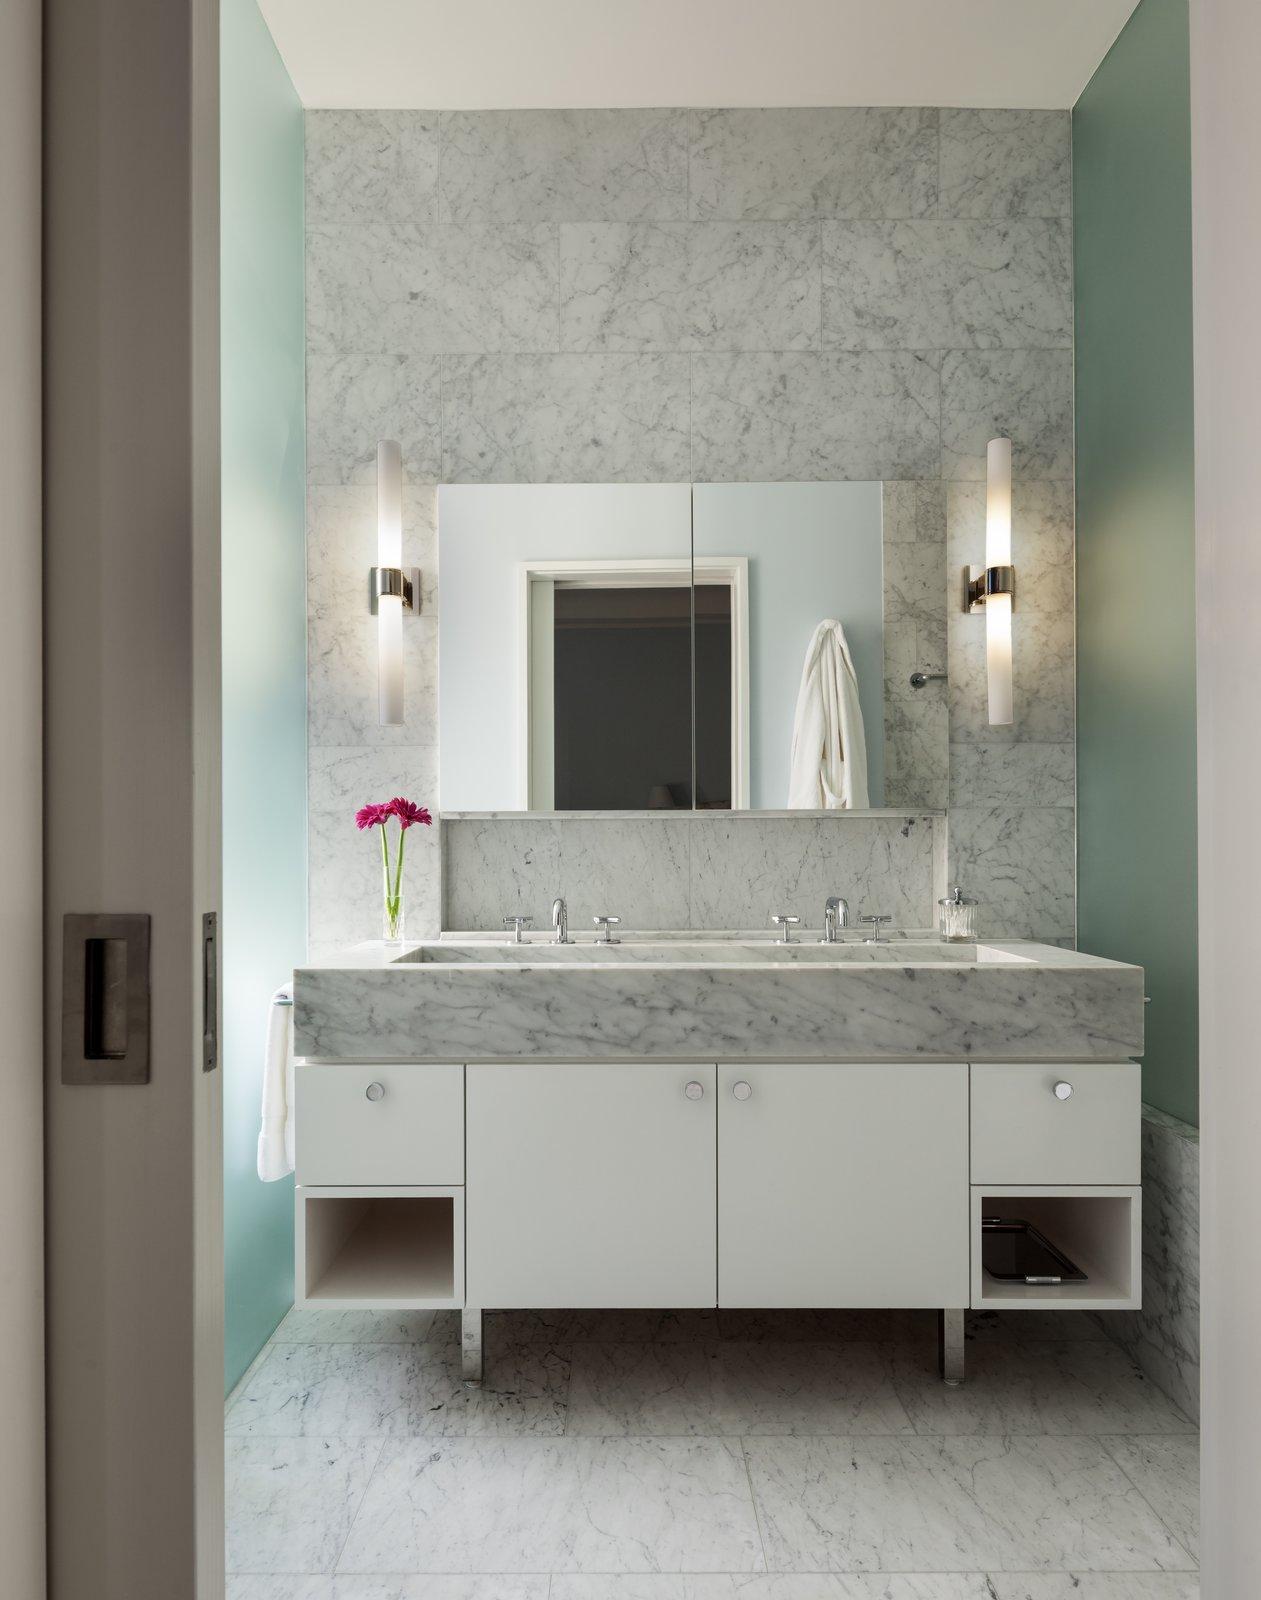 Ванная комната, Мраморная стена, Мраморный пол, Мраморный счетчик, Капля в раковине и настенное освещение 7 Основные советы по выбору идеальной плитки для ванной комнаты - Фото 5 из 7 -